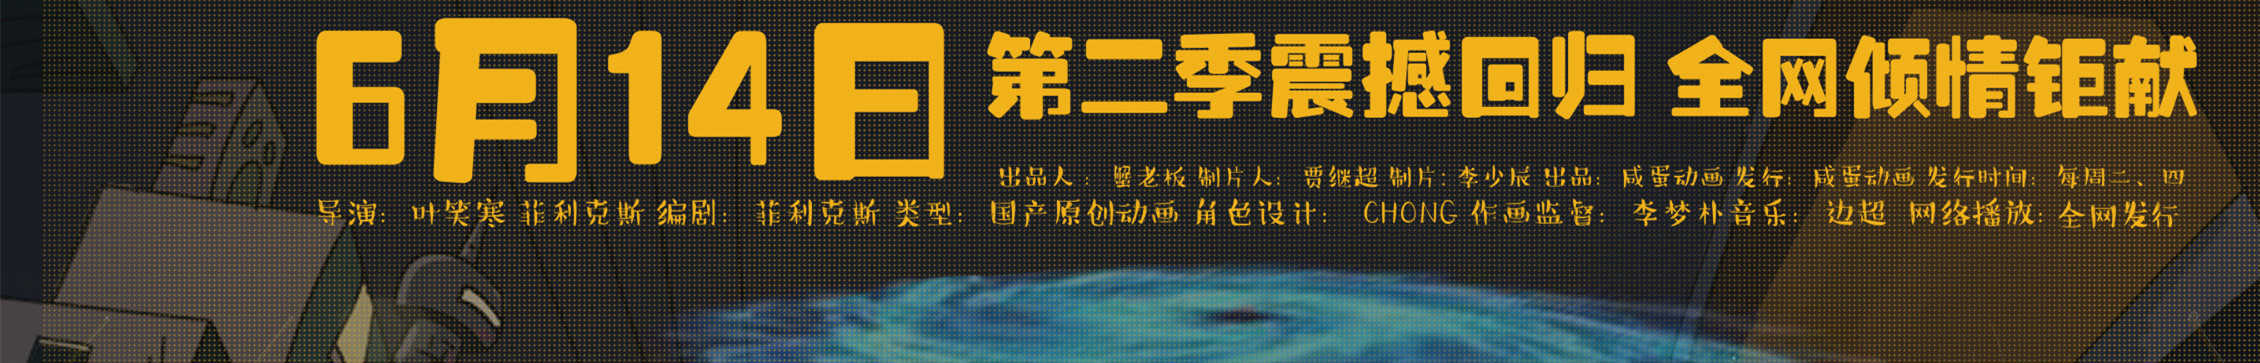 咸蛋动画 banner